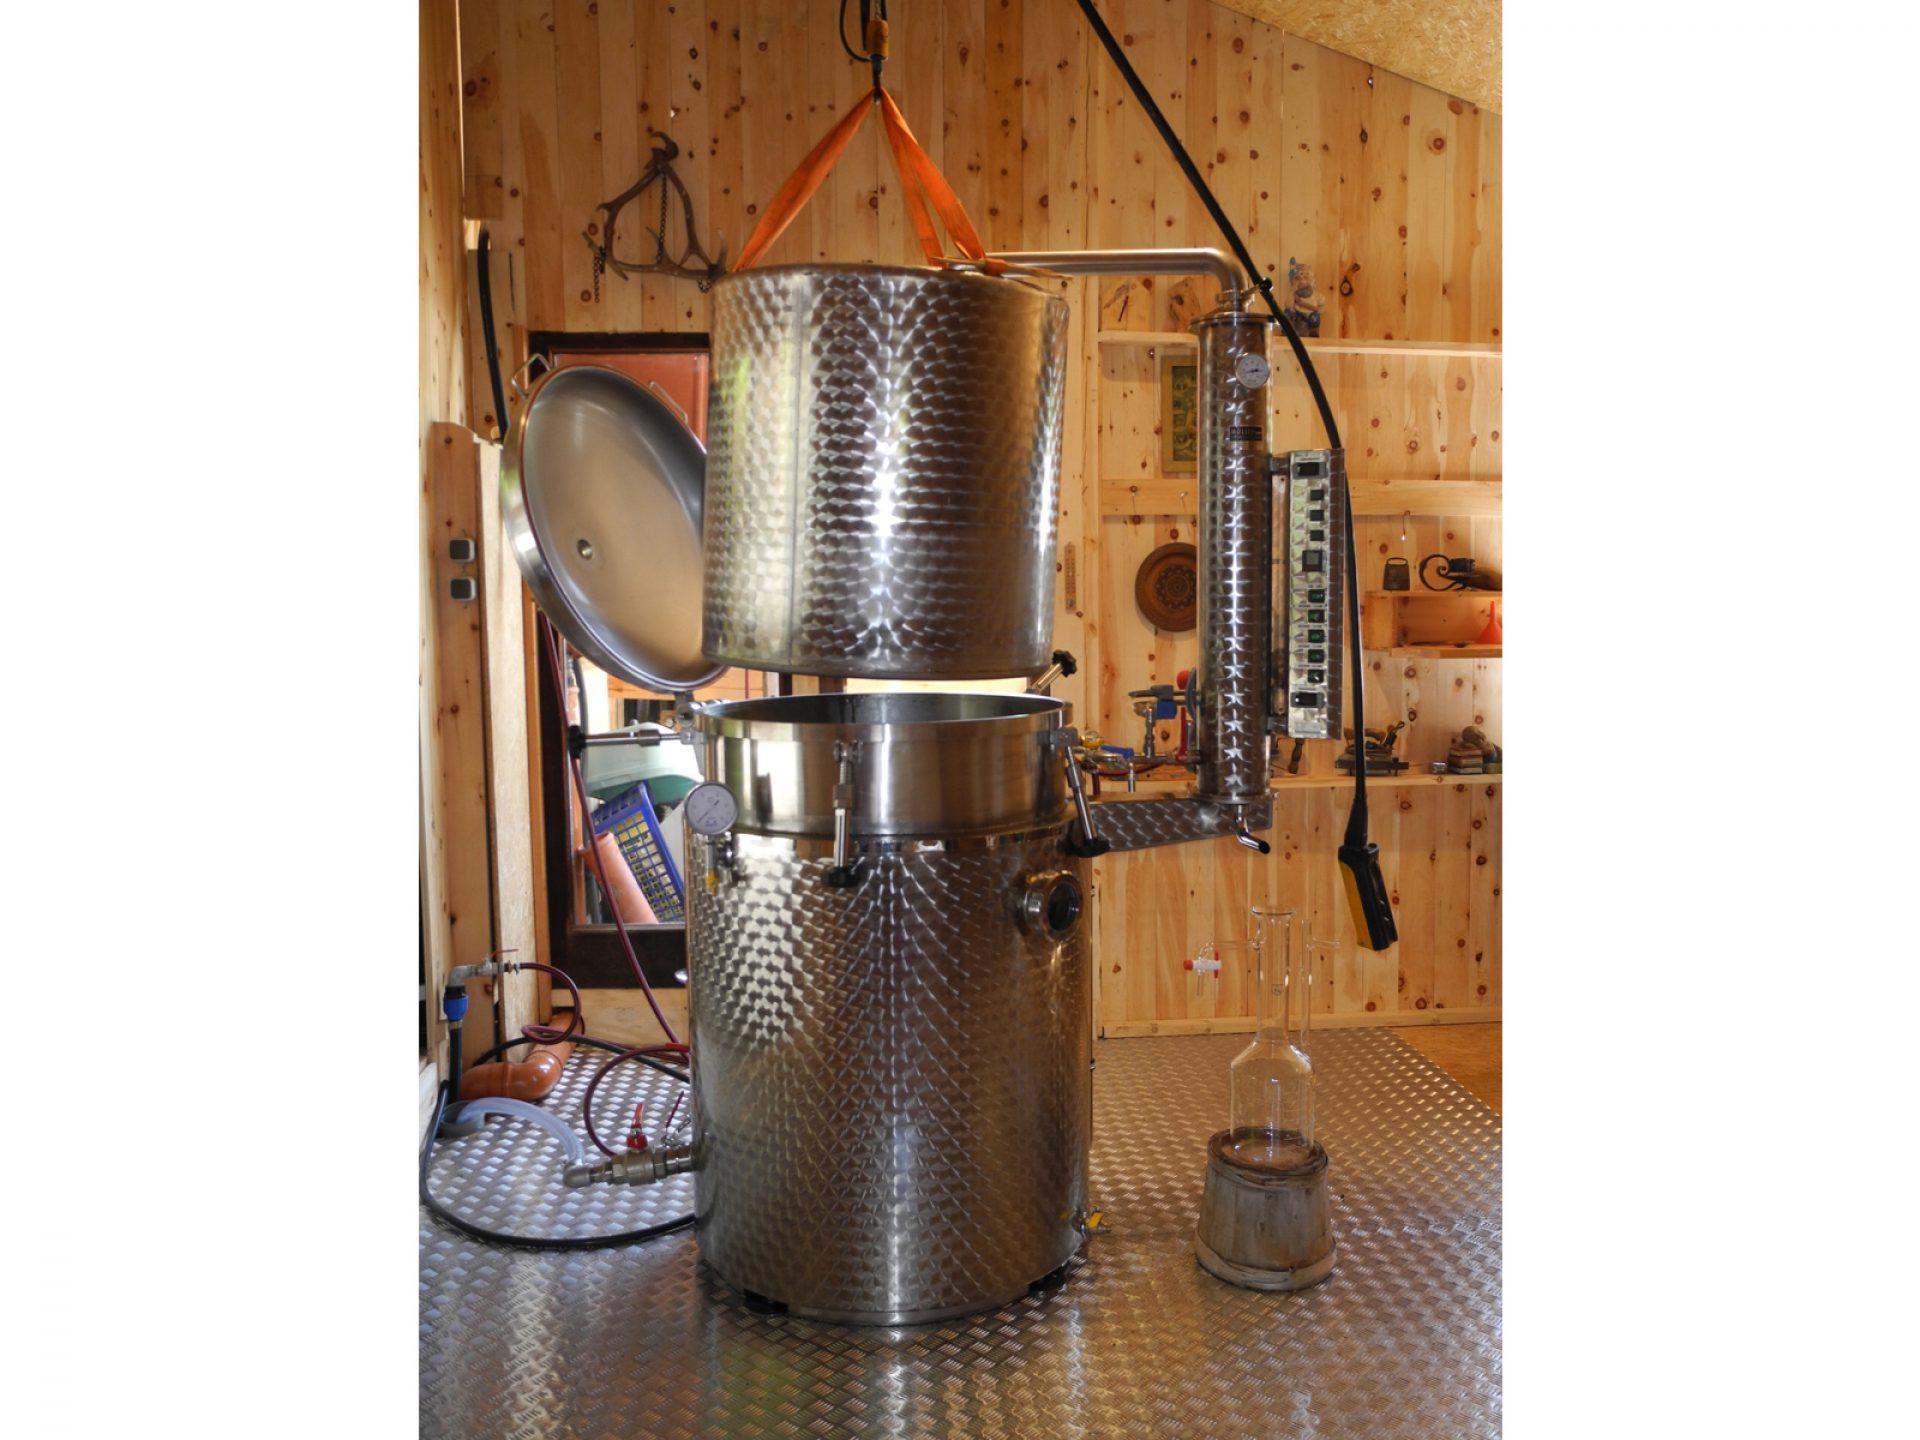 mueller-brennereianlagen-essentiell-oil-aetherische-oele-04